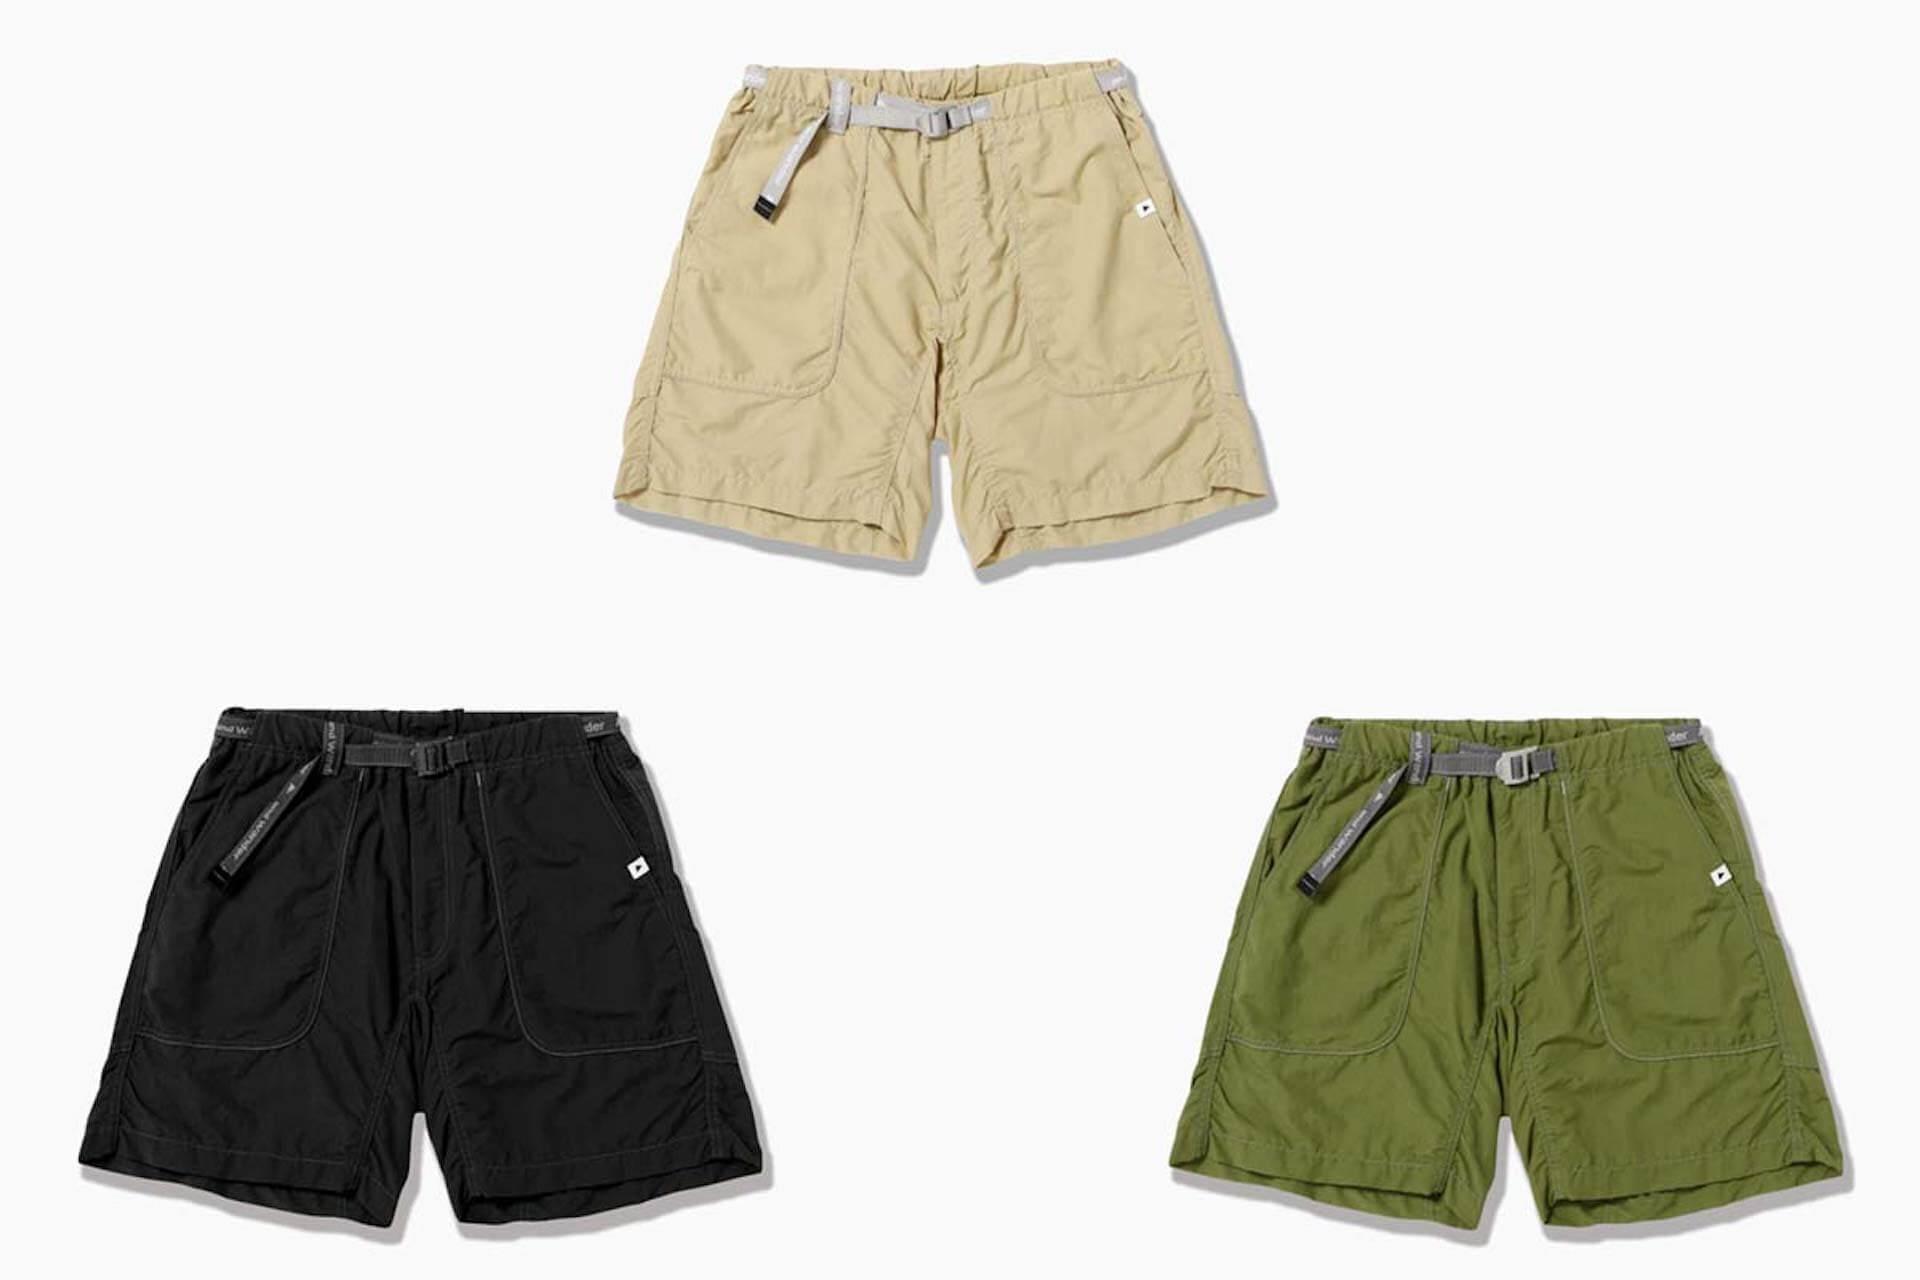 夏ファッション・コーデの必需品!アウトドアからタウンユースまで活躍するメンズ・ショートパンツ特集 life200730_jeep_shorts_15